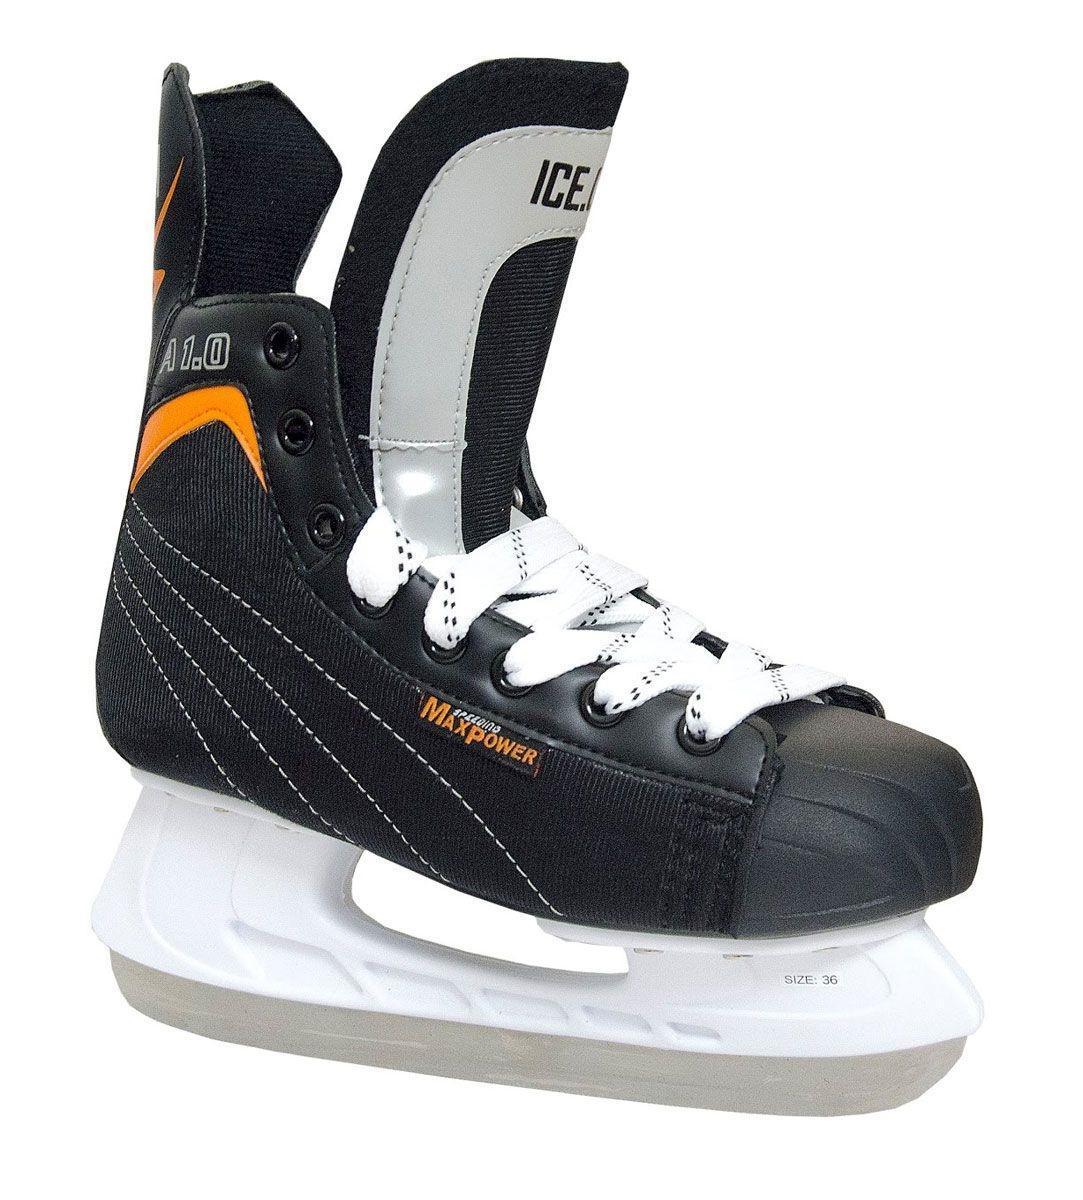 Коньки хоккейные Ice.Com A 1.0, цвет: черный, оранжевый. Размер 37